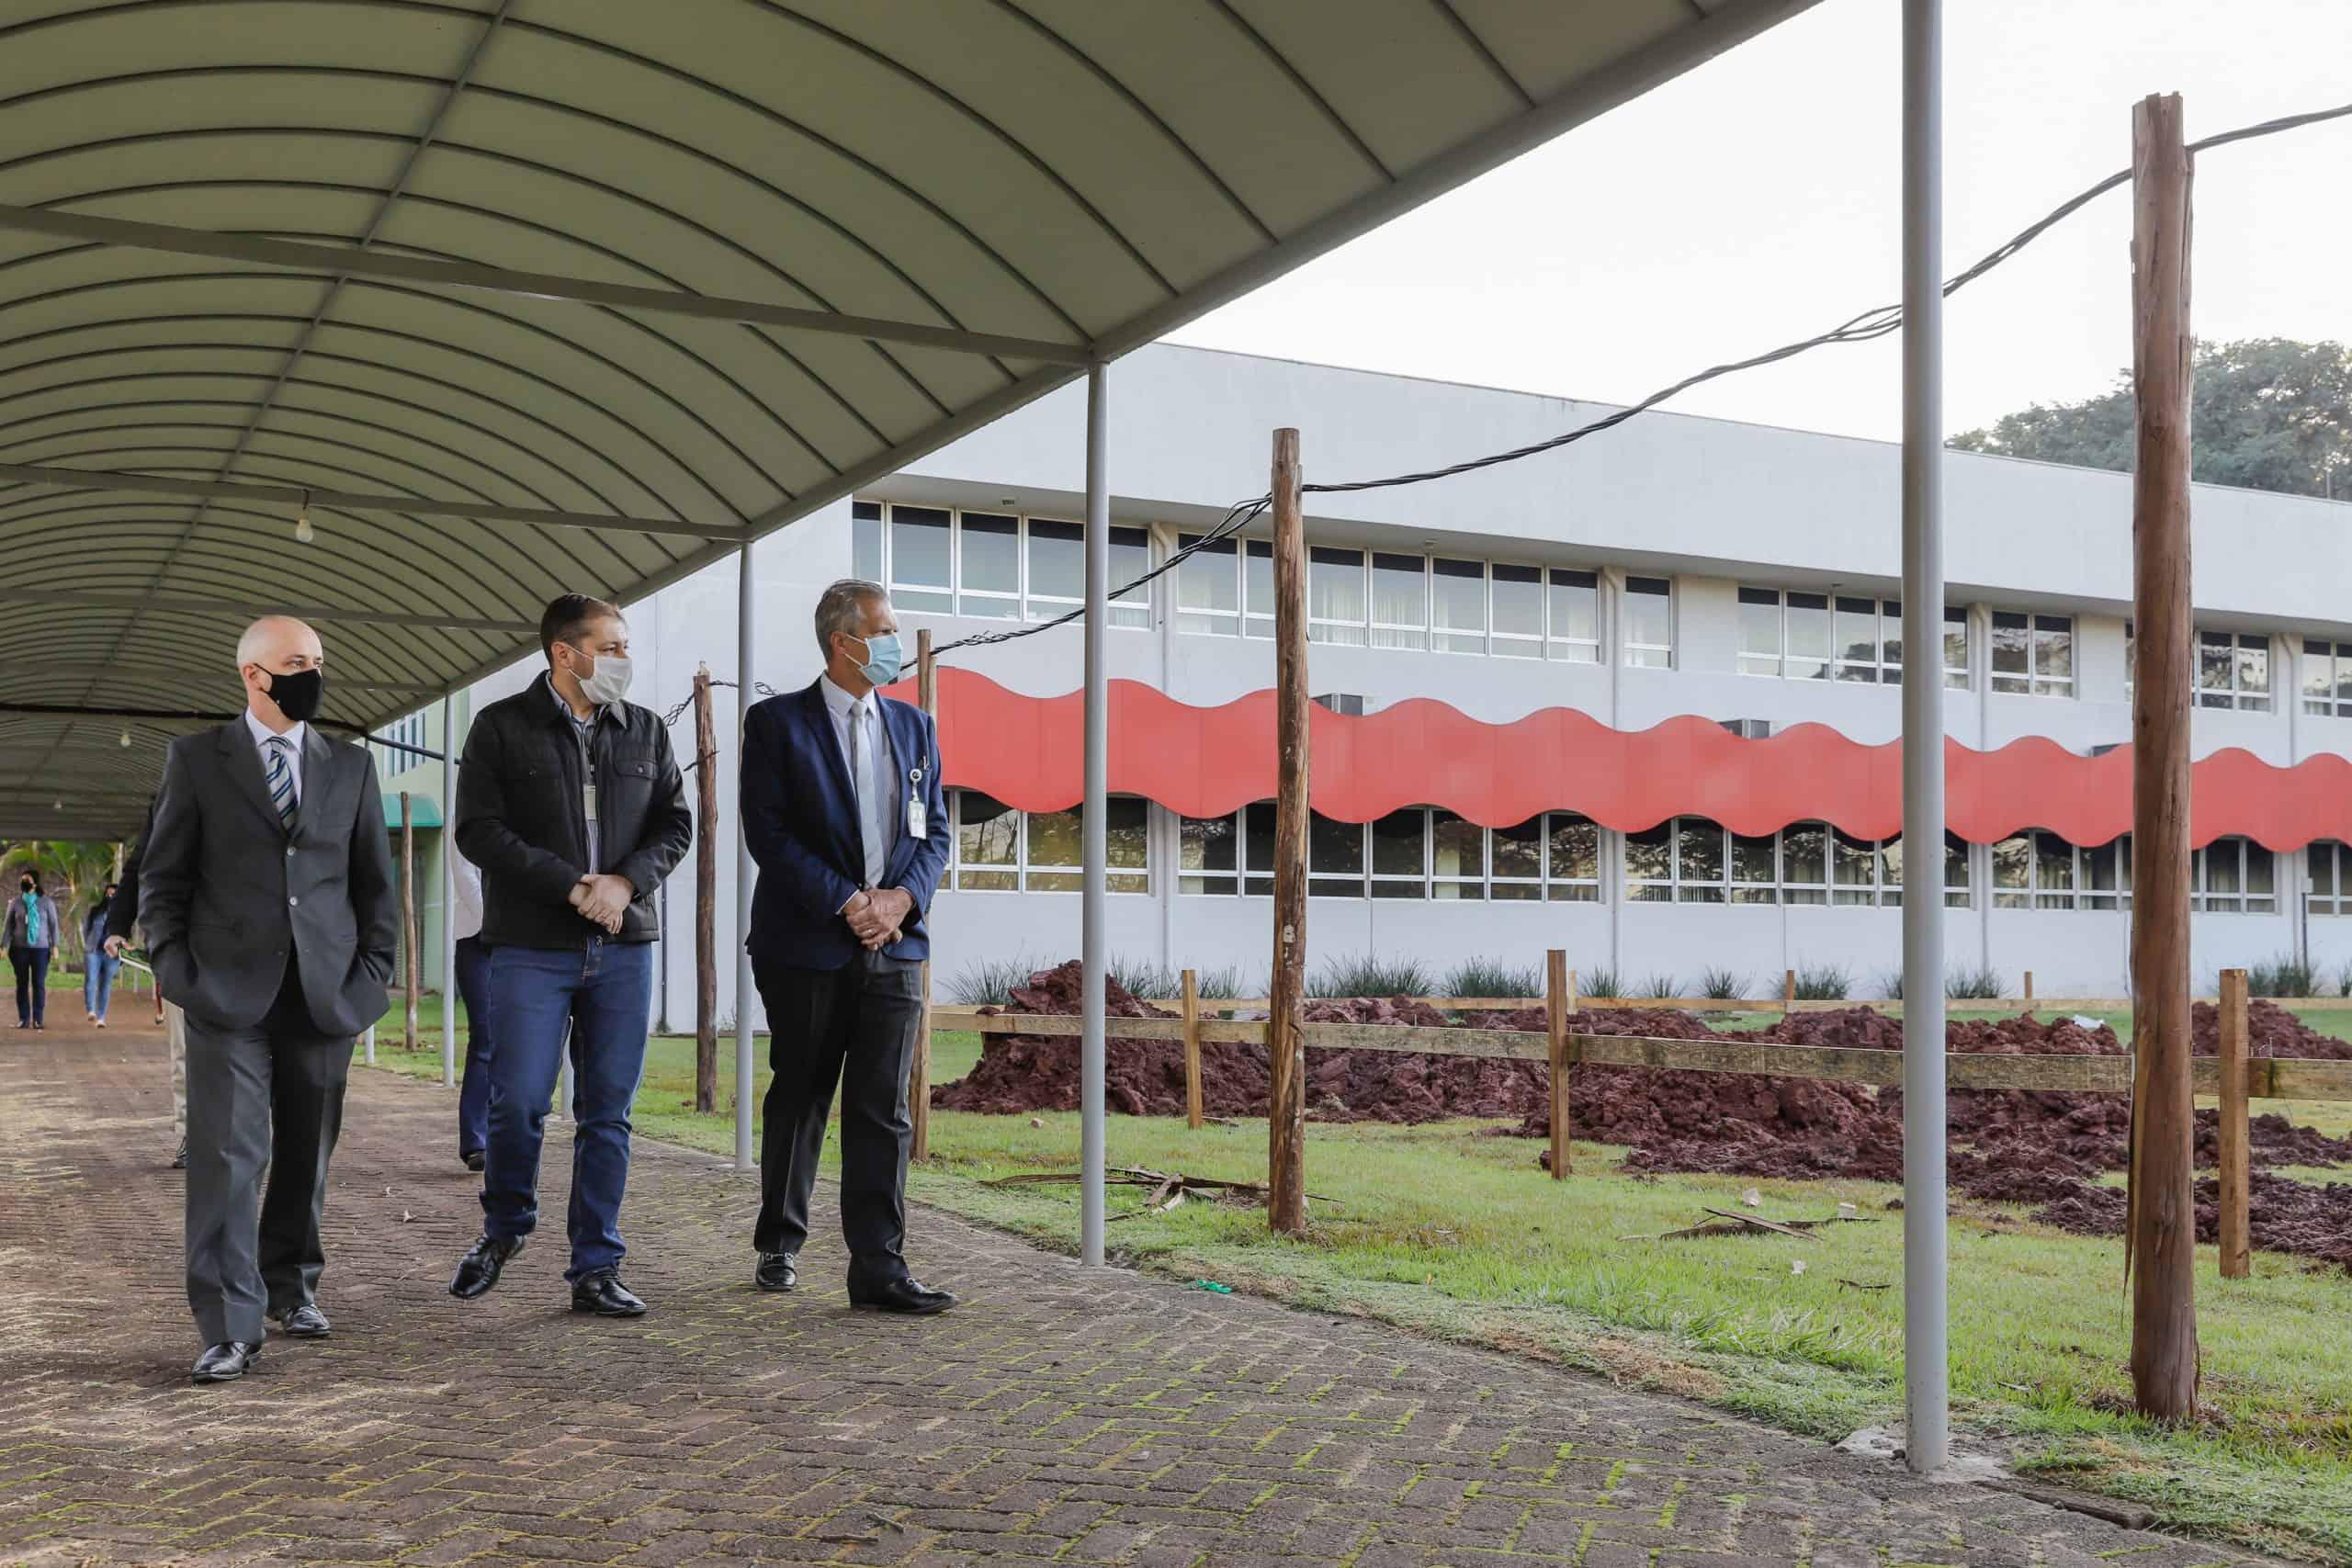 Diretores do PTI, Flaviano e General Garrido visitam estruturas do IFPR. foto Kiko Sierich